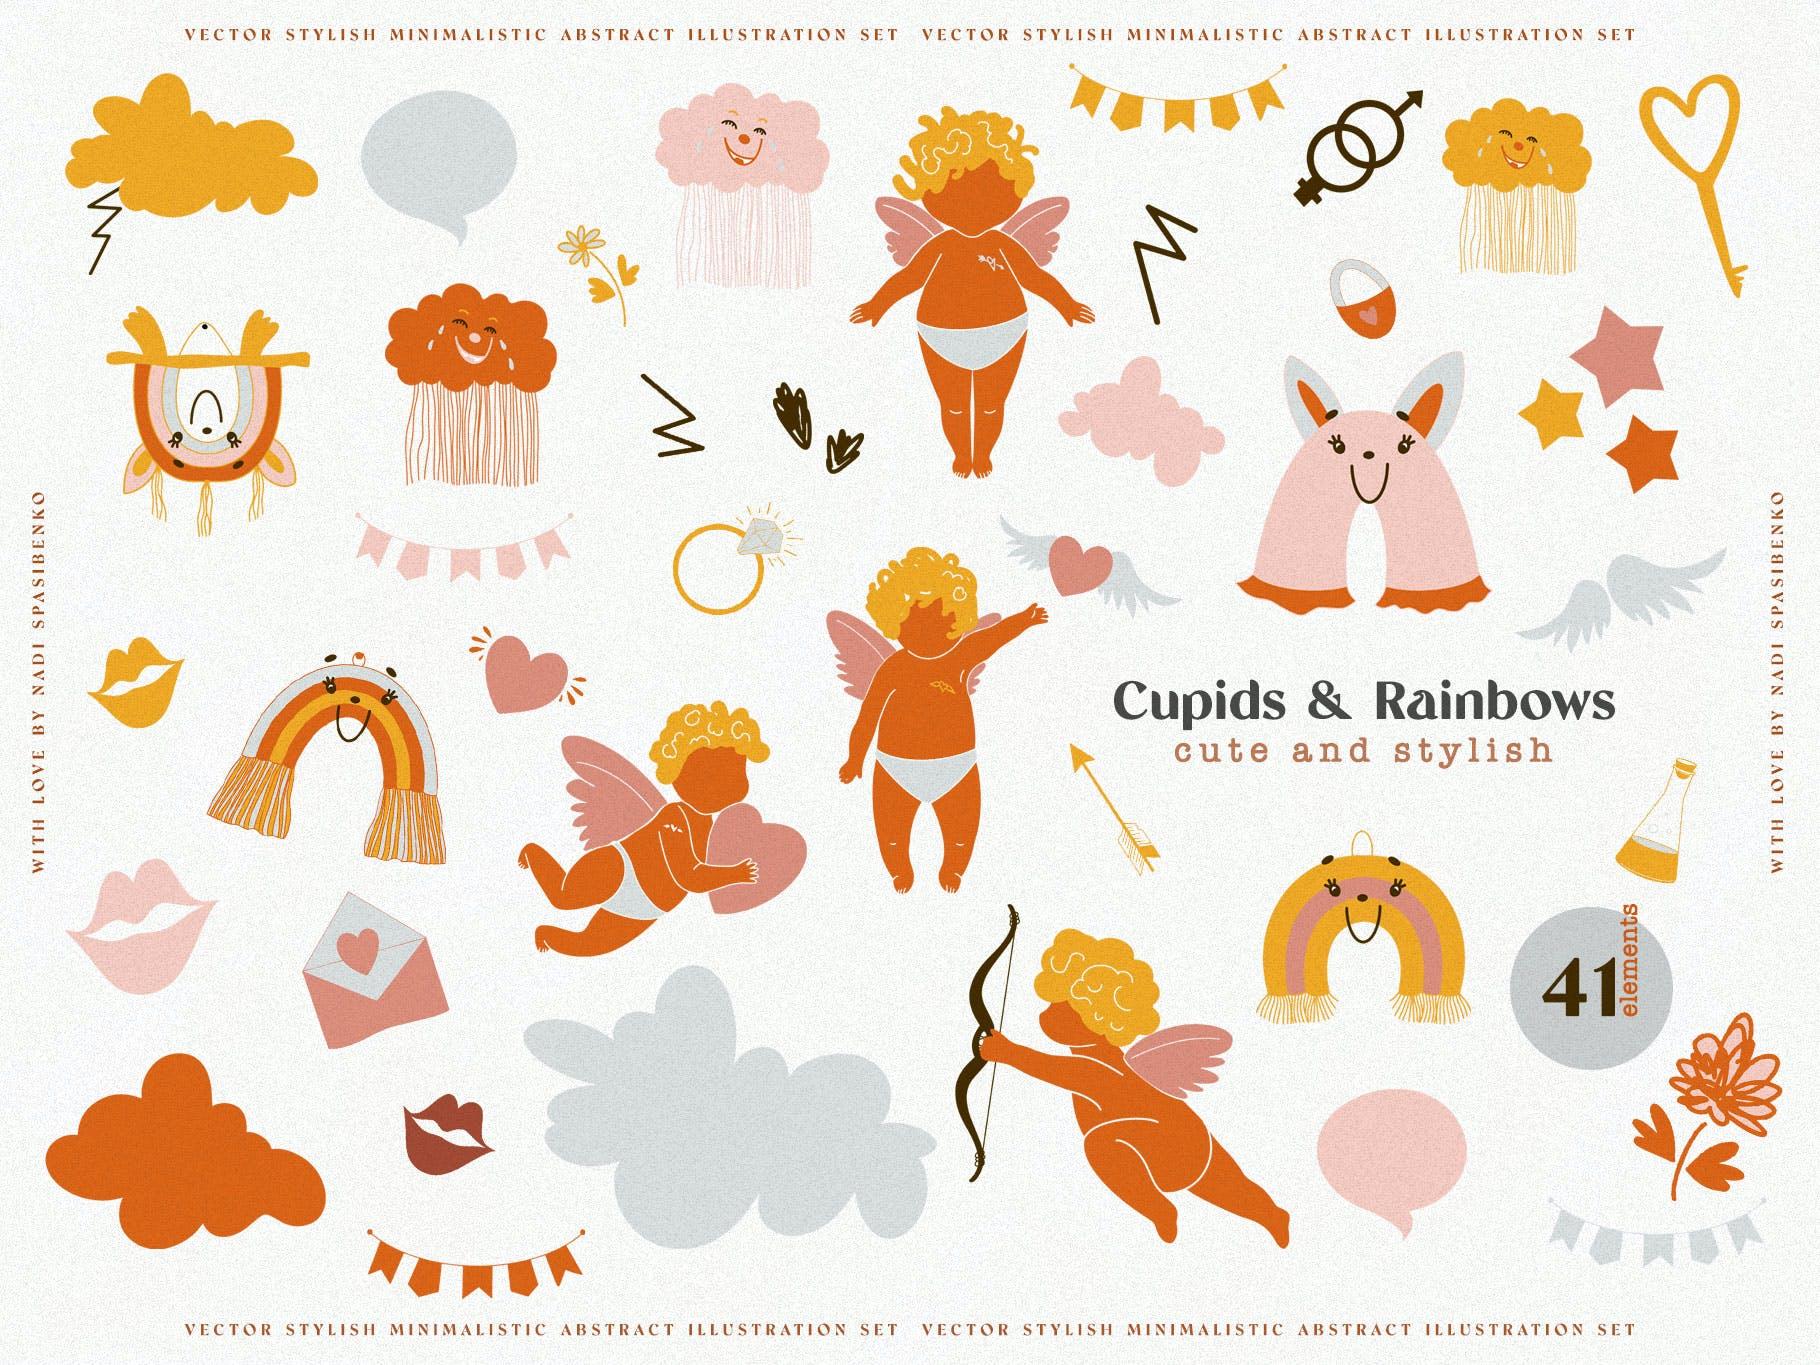 时尚抽象可爱卡通彩虹丘比特元素手绘插画矢量设计素材 Cupids & Cute Rainbows插图3